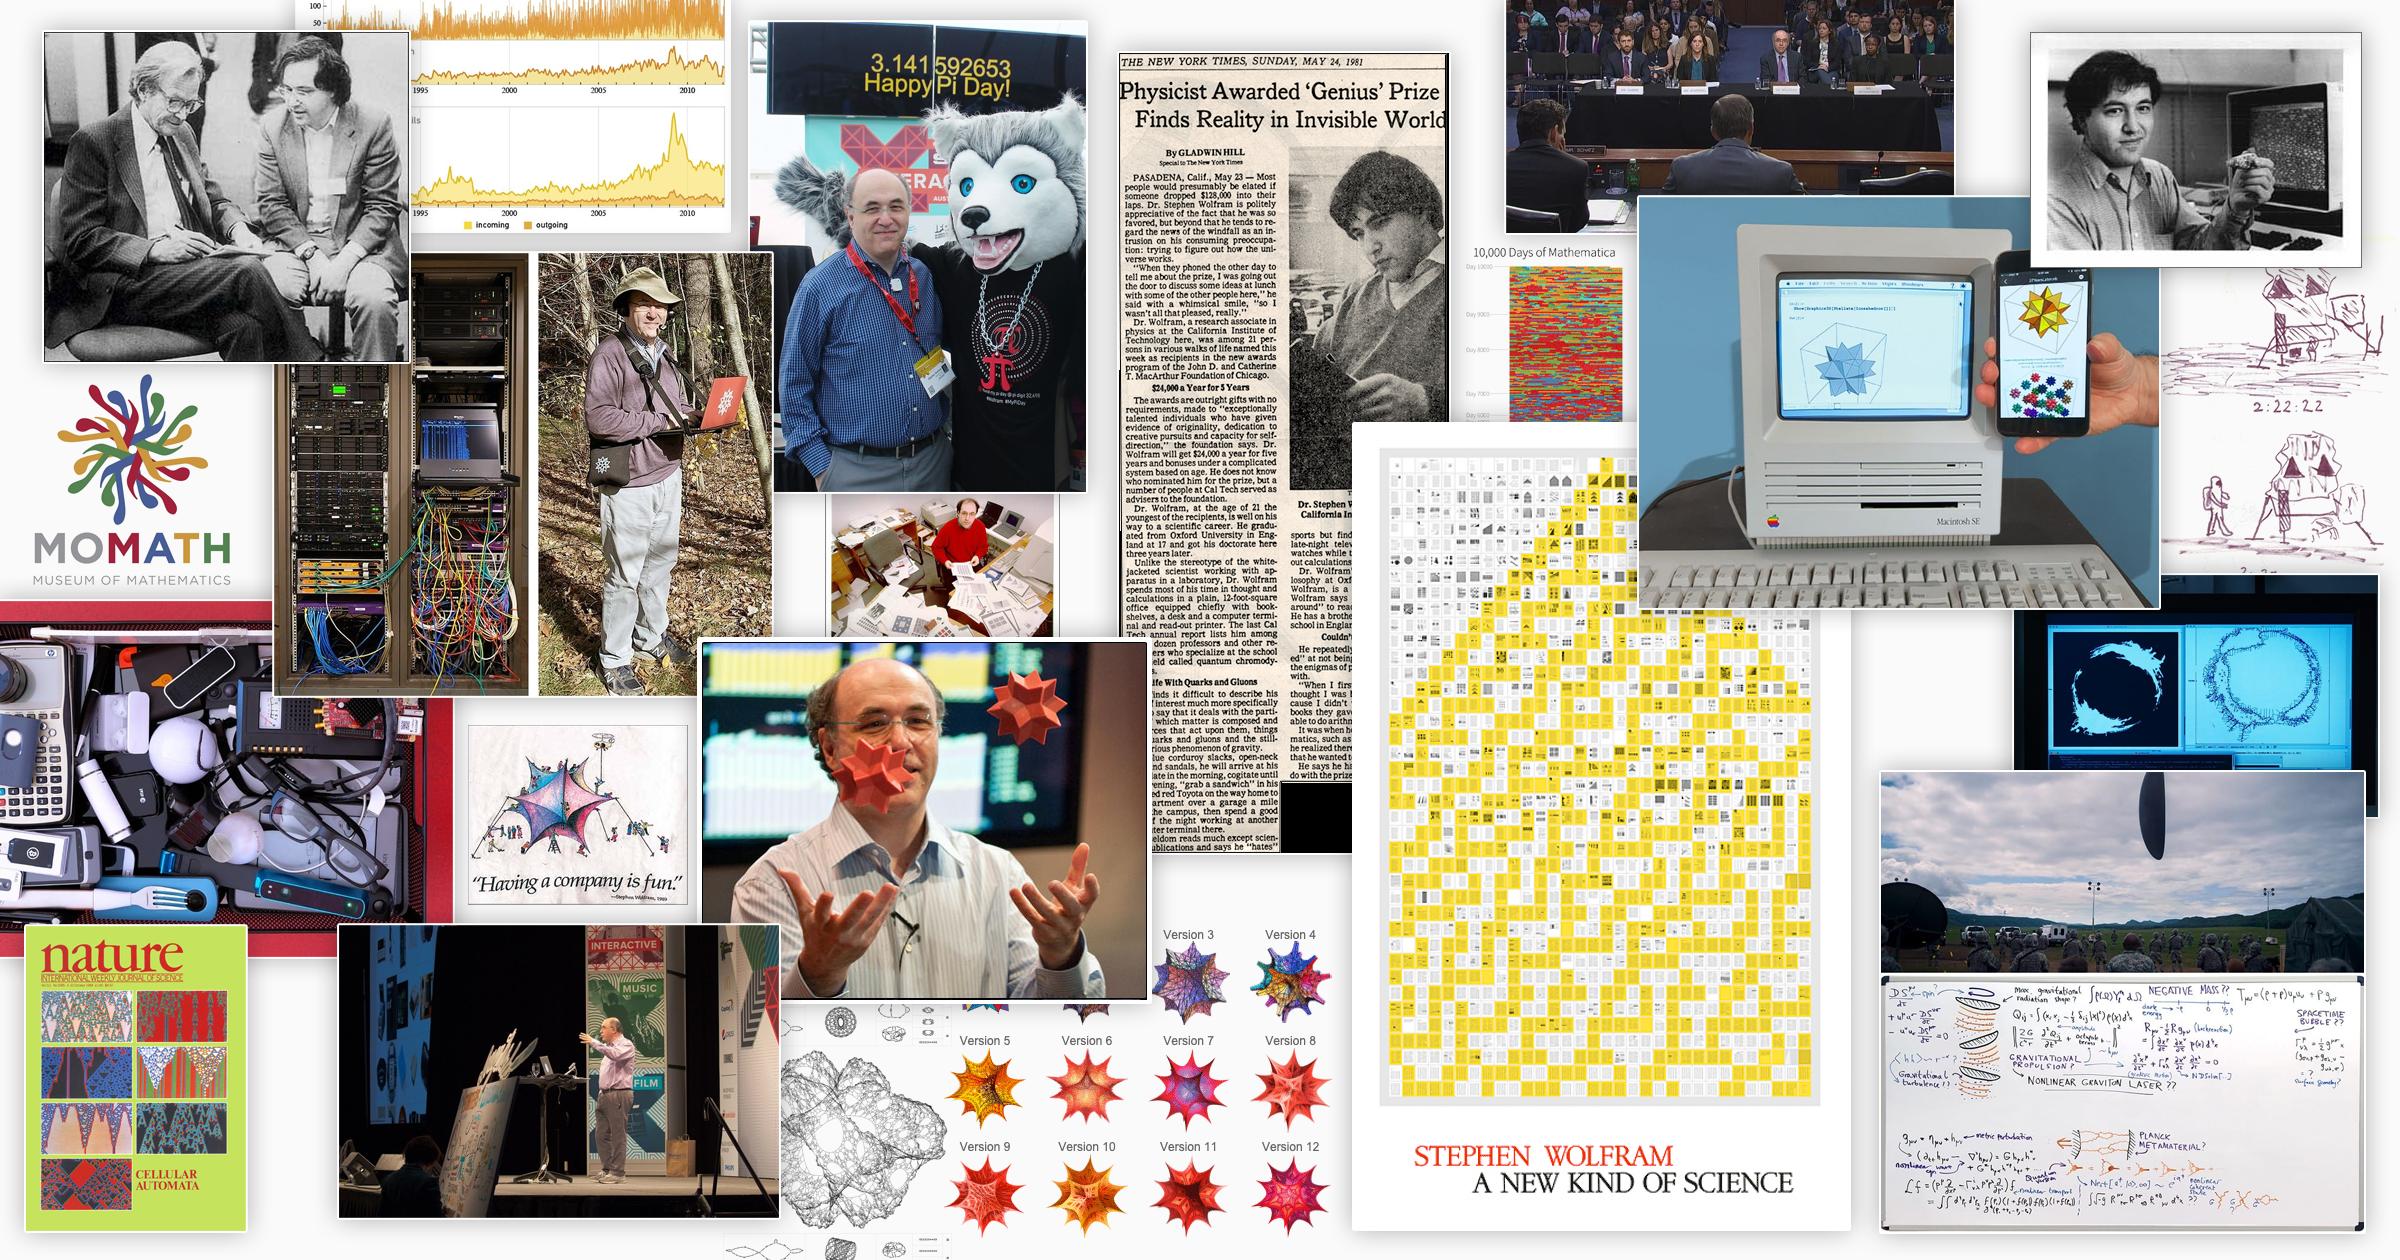 Моменты жизни Стивена Вольфрама — создателя Mathematica, Wolfam|Alpha, A New Kind Of Science и много чего ещё